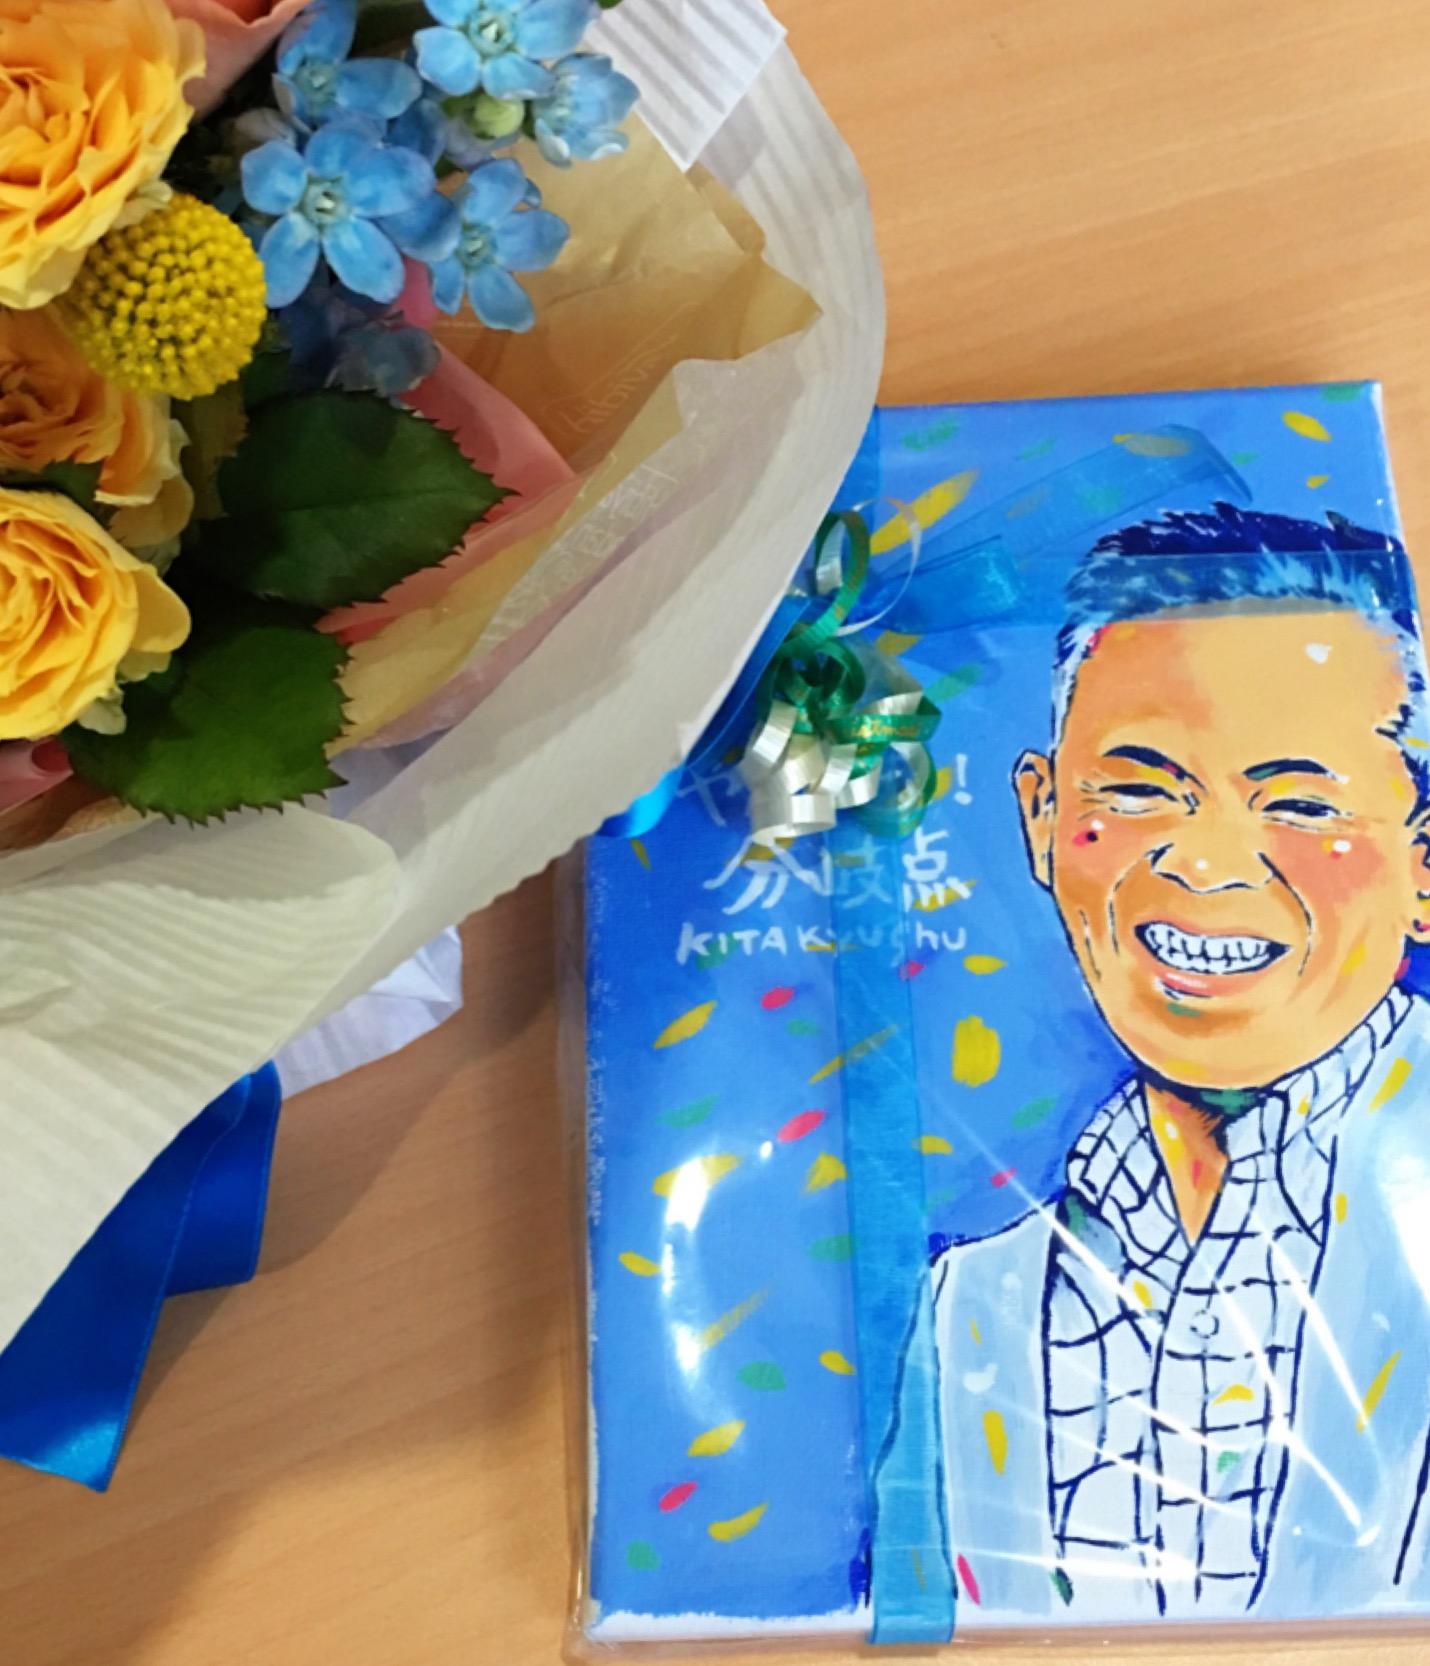 北九州講演会 参加の方からの頂いた絵‼️素敵すぎます。 ありがとう〜〜♬